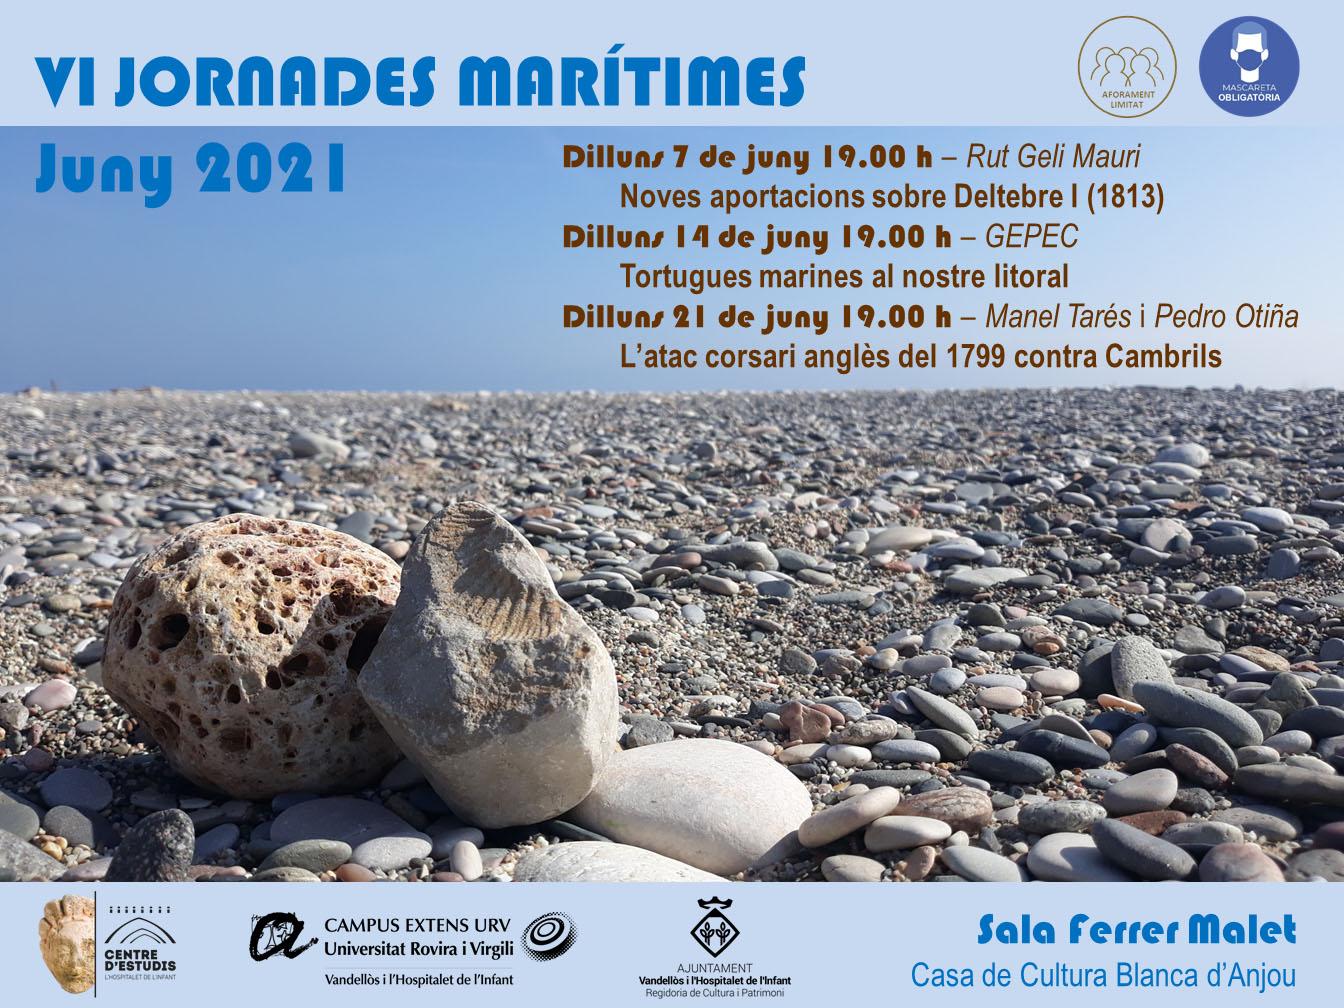 VI JORNADES MARÍTIMES / 21-06-2021, a les 19 h - Sala Ferrer Malet de la Casa de Cultura Blanca d'Anjou de l'Hospitalet de l'Infant